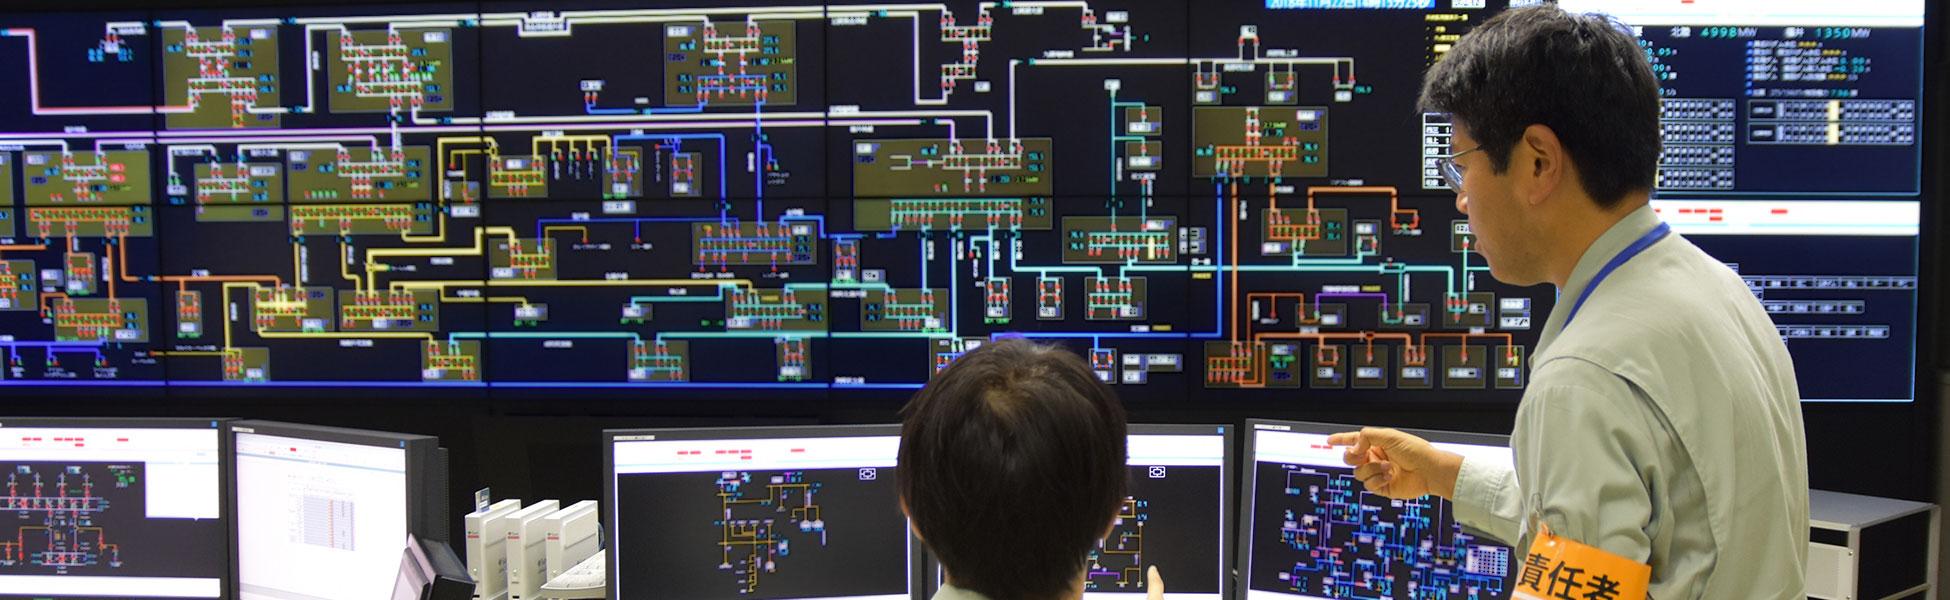 電力系統・需給運用システム